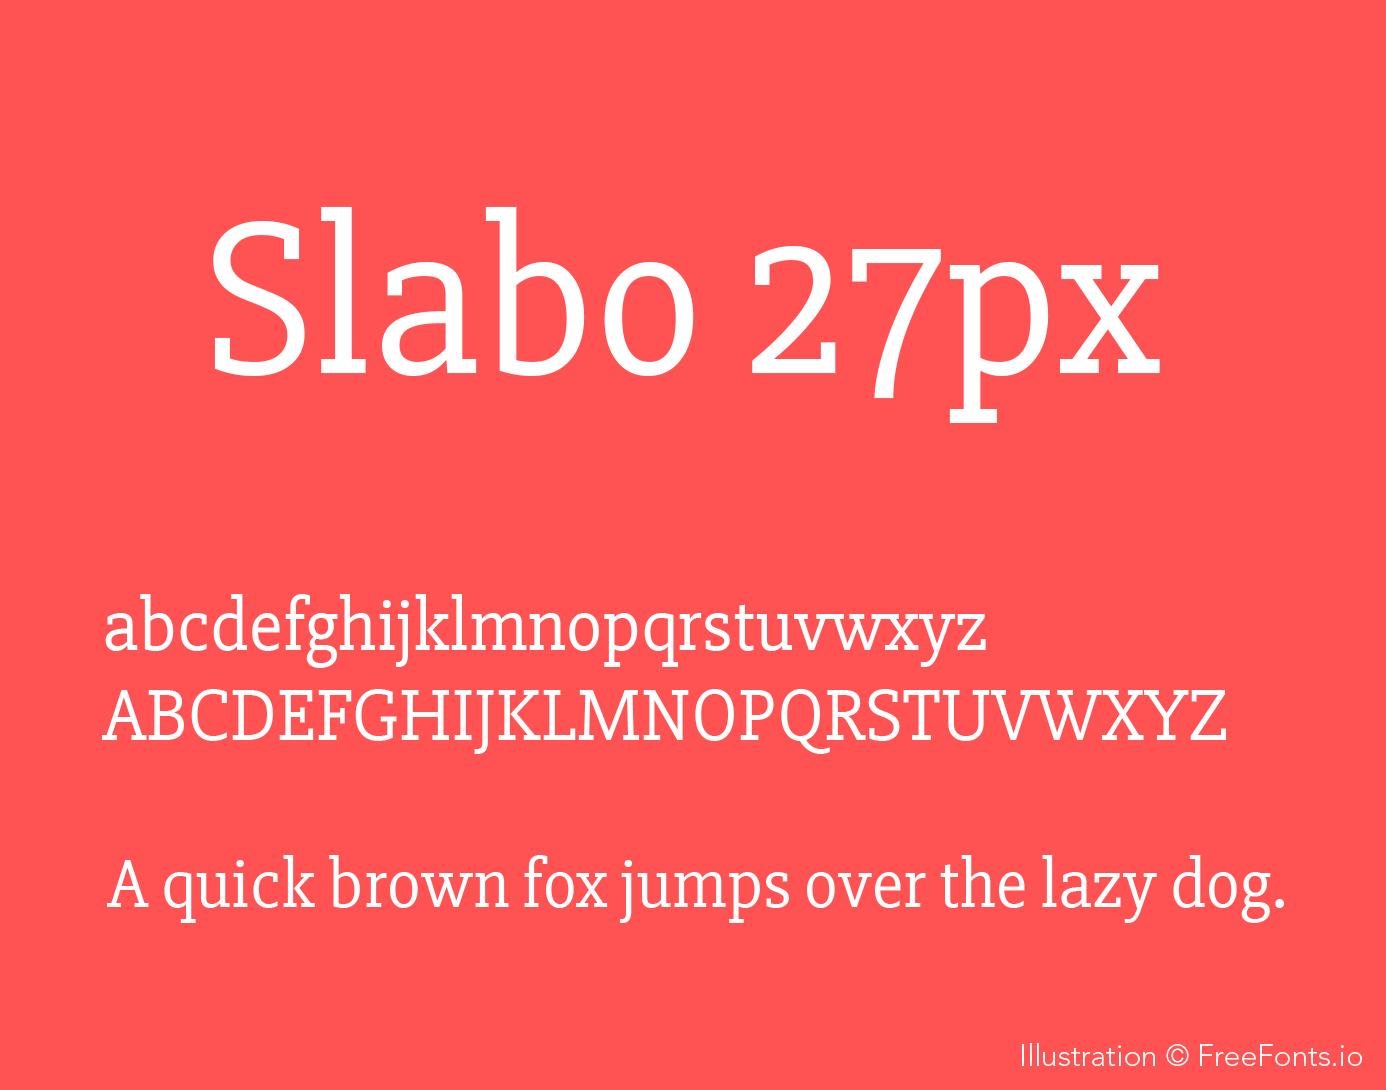 slabo-27px-font